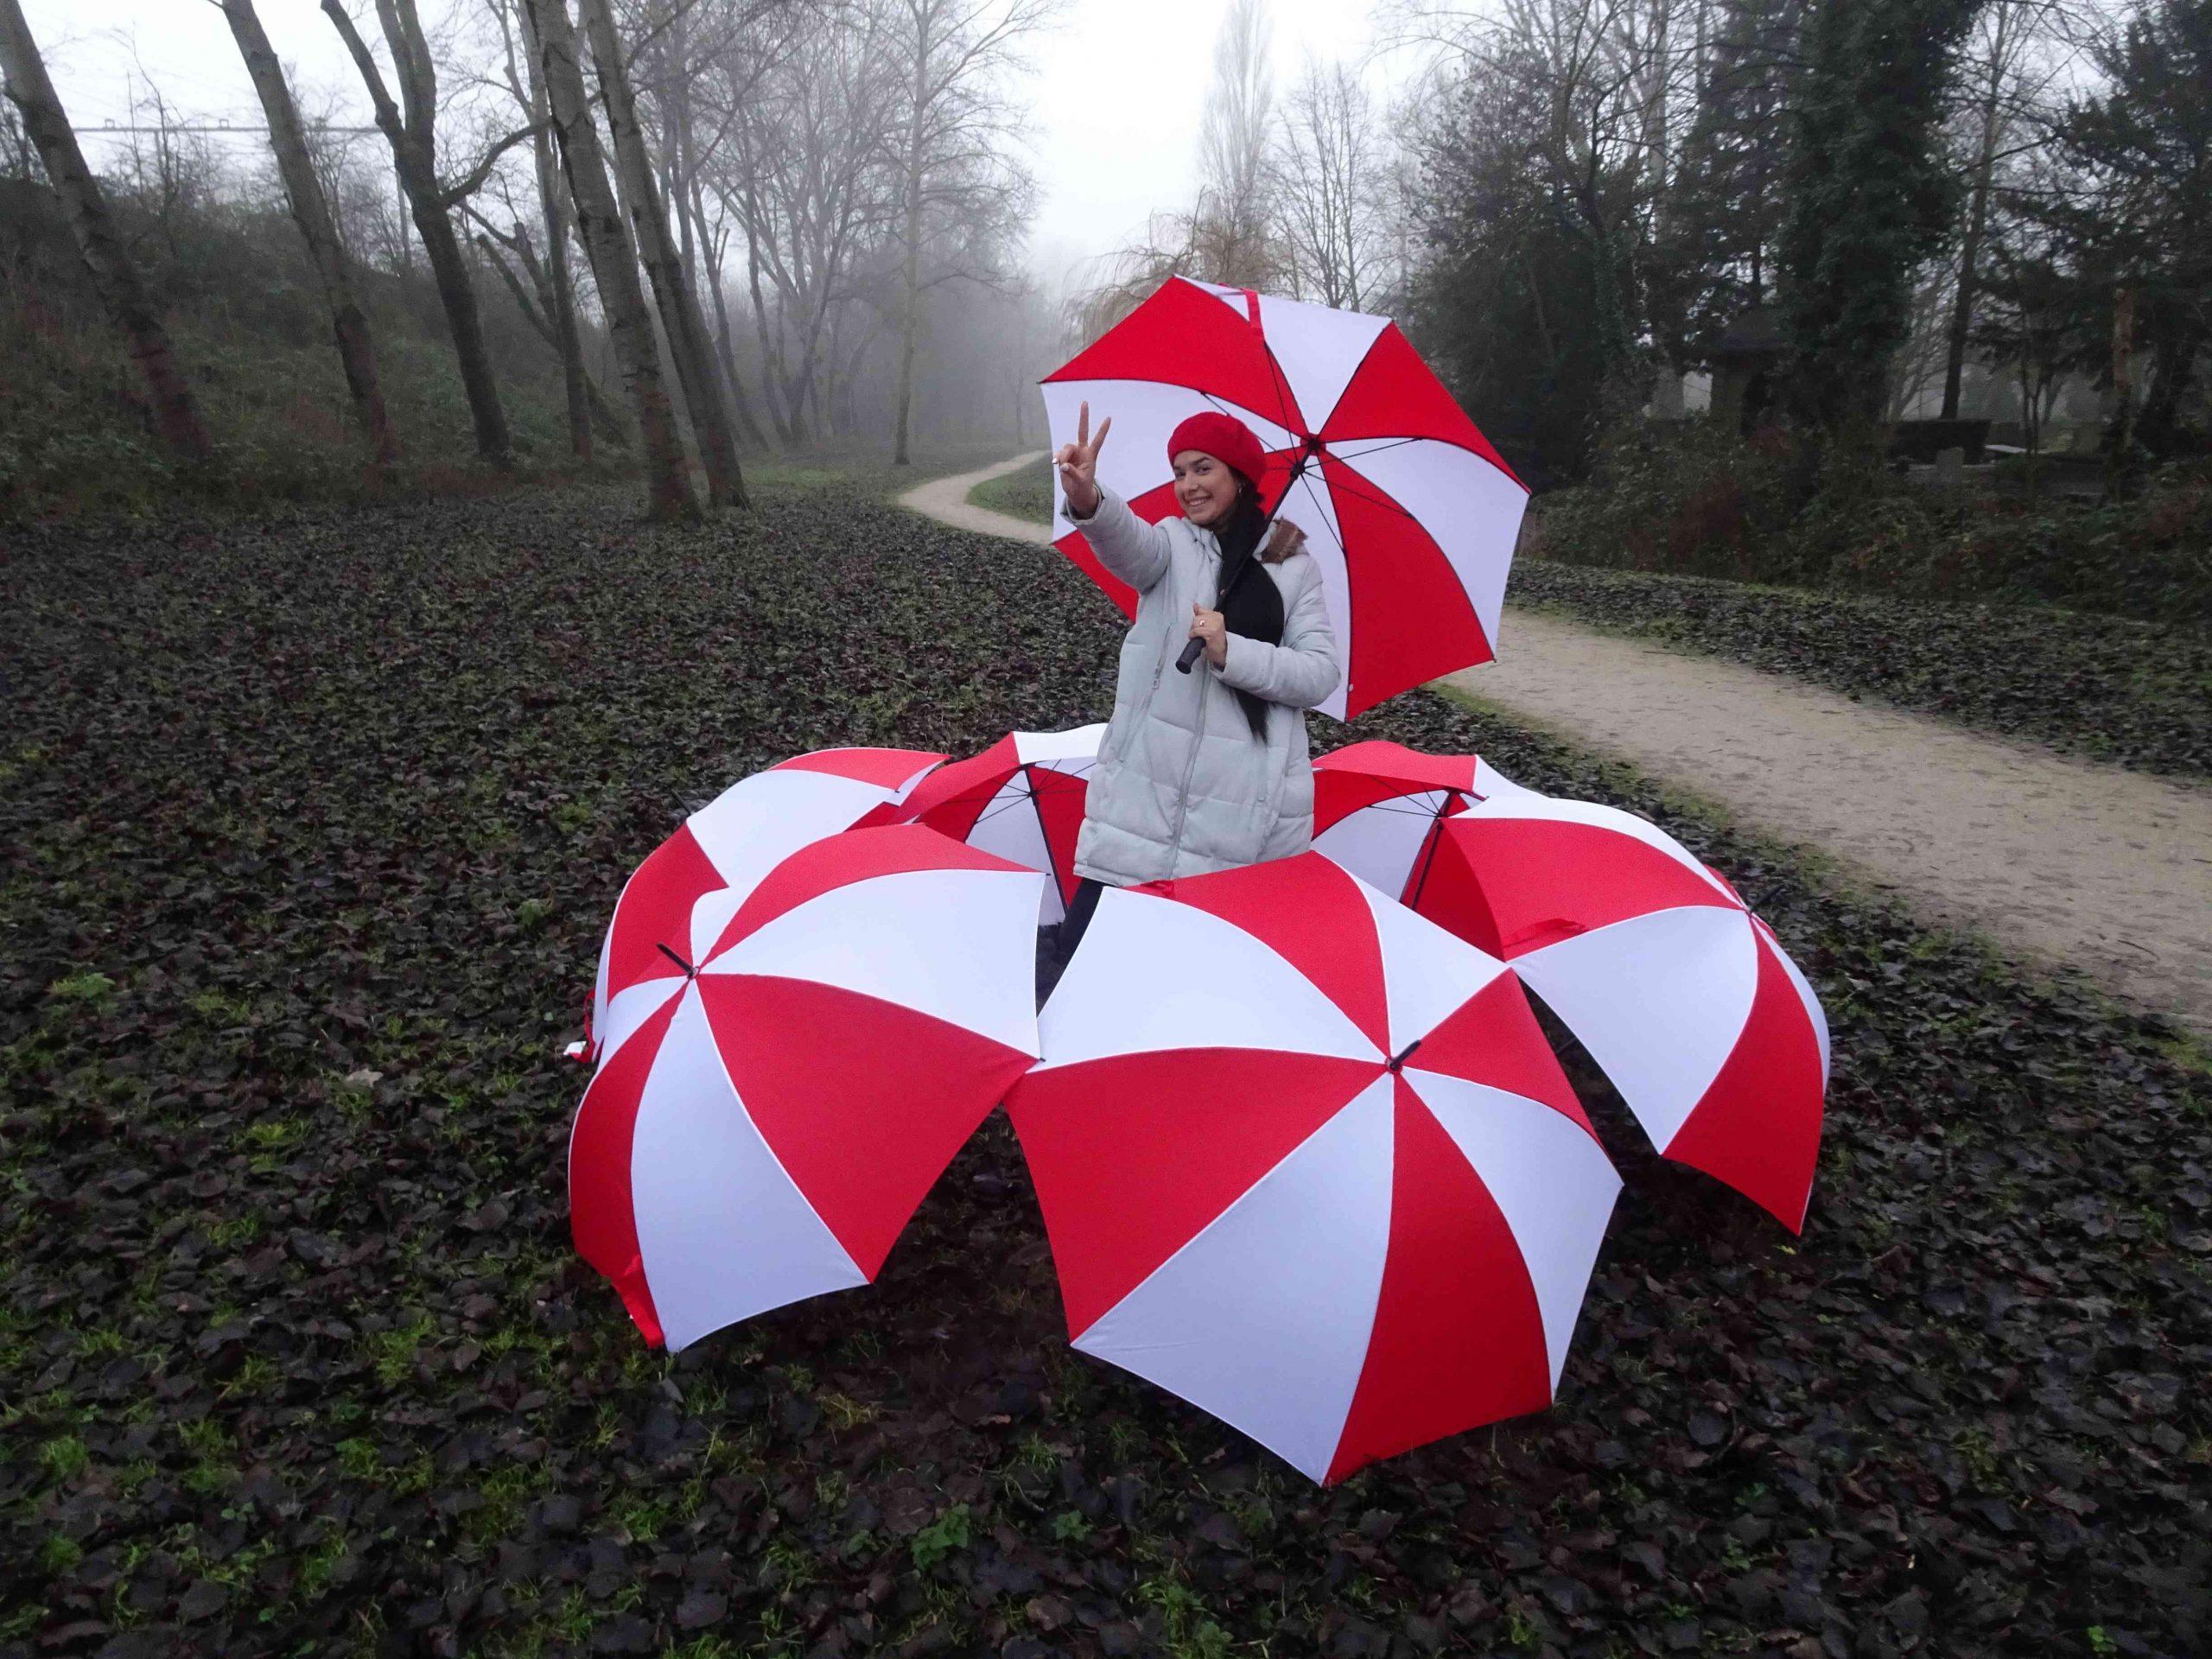 Roodwitte paraplu's voor een vrij Belarus